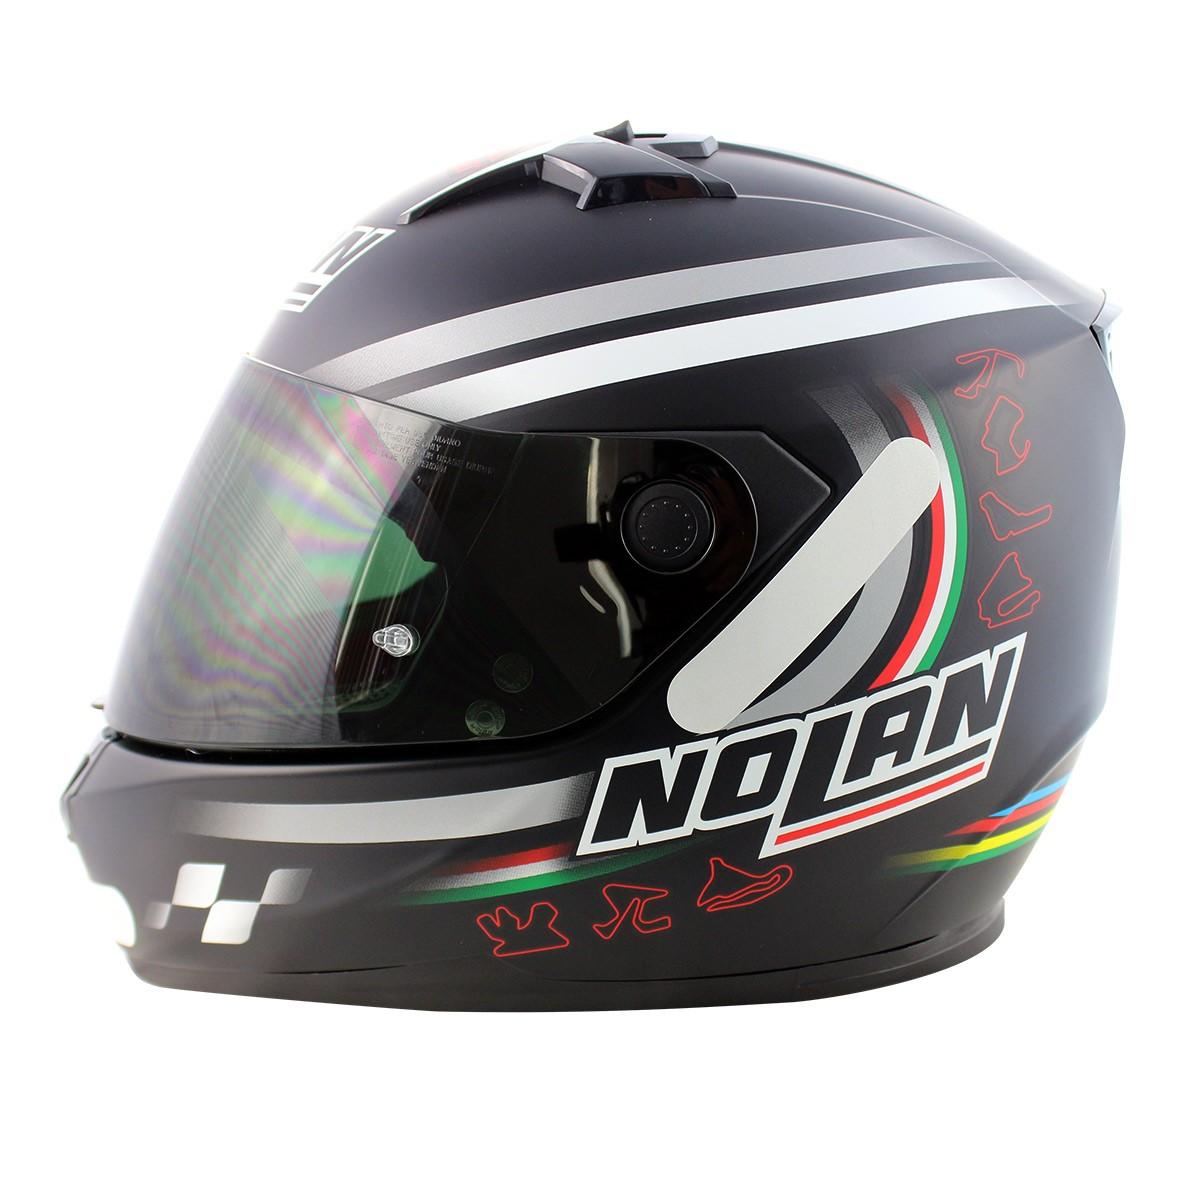 Capacete Nolan N64 Superbike SBK Flat Black - Ganhe Balaclava Exclusiva!